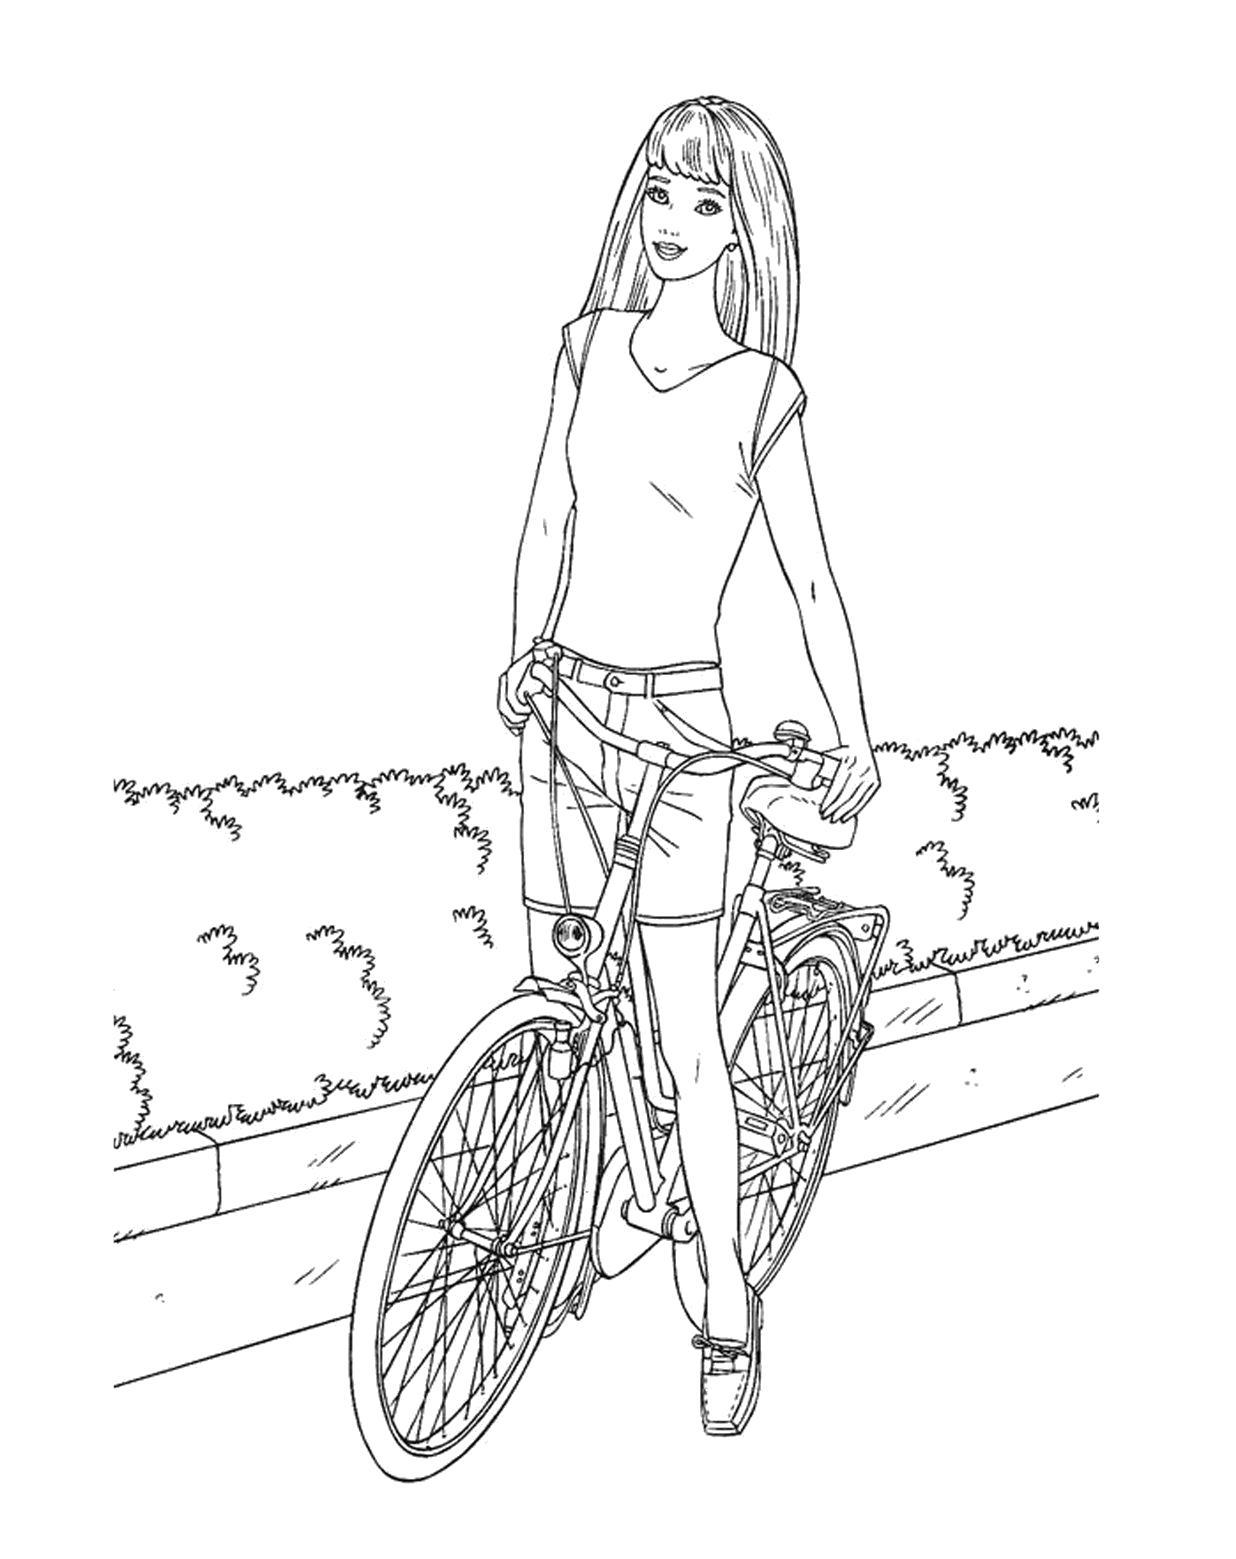 Раскраска  Барби на велосипеде. Скачать барби.  Распечатать барби